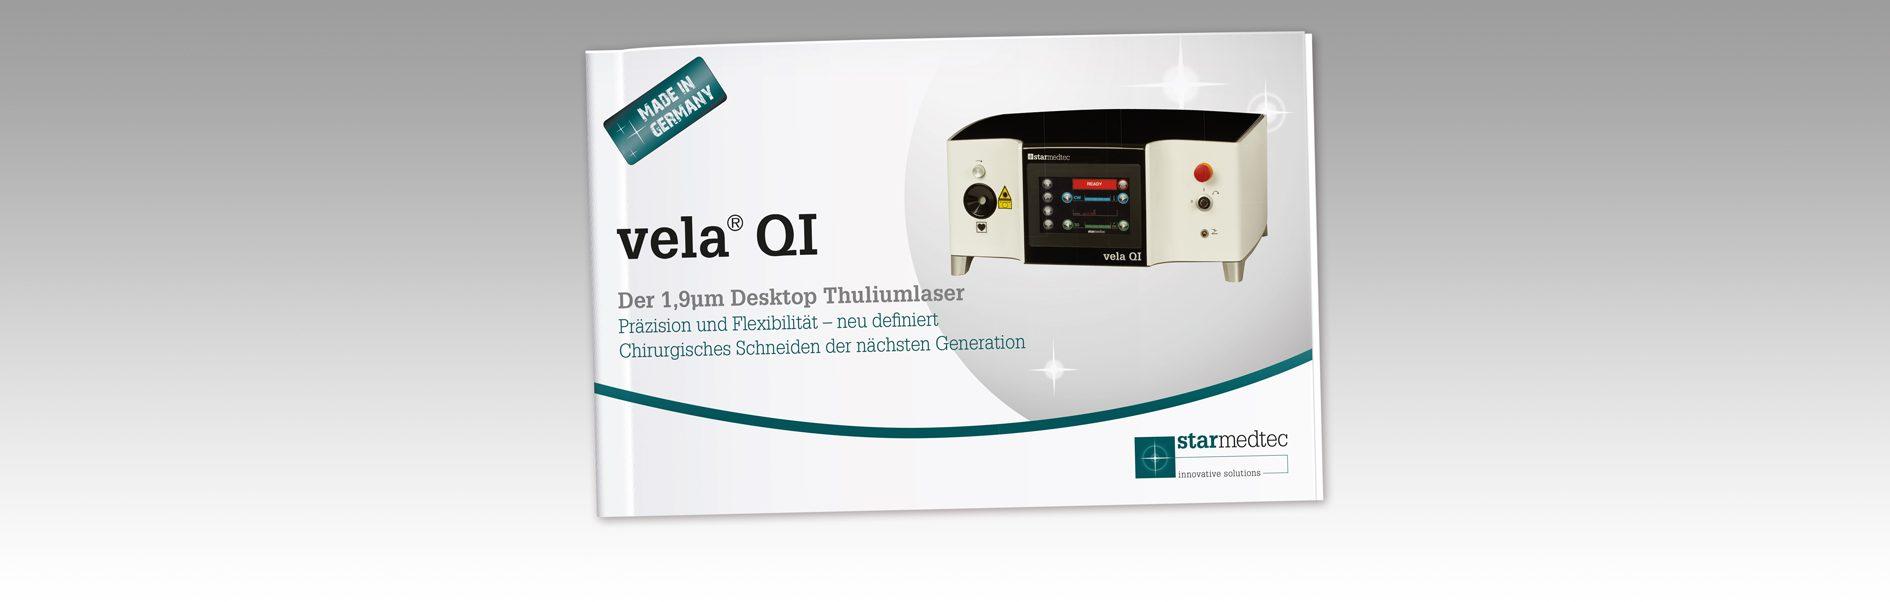 Hier ist das Cover der Proschüre Vela QI.